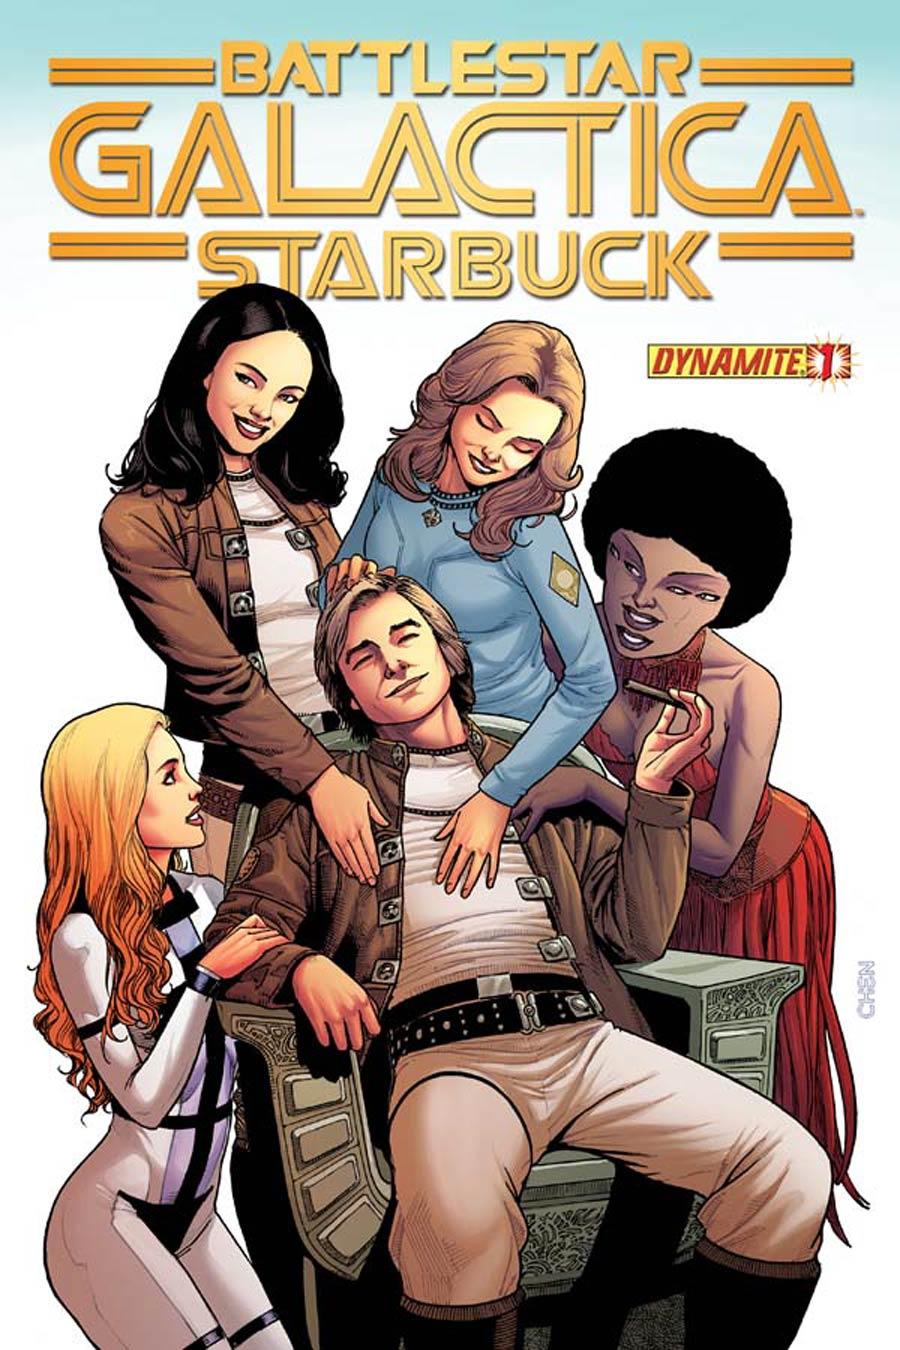 Battlestar Galactica Starbuck Vol 2 #1